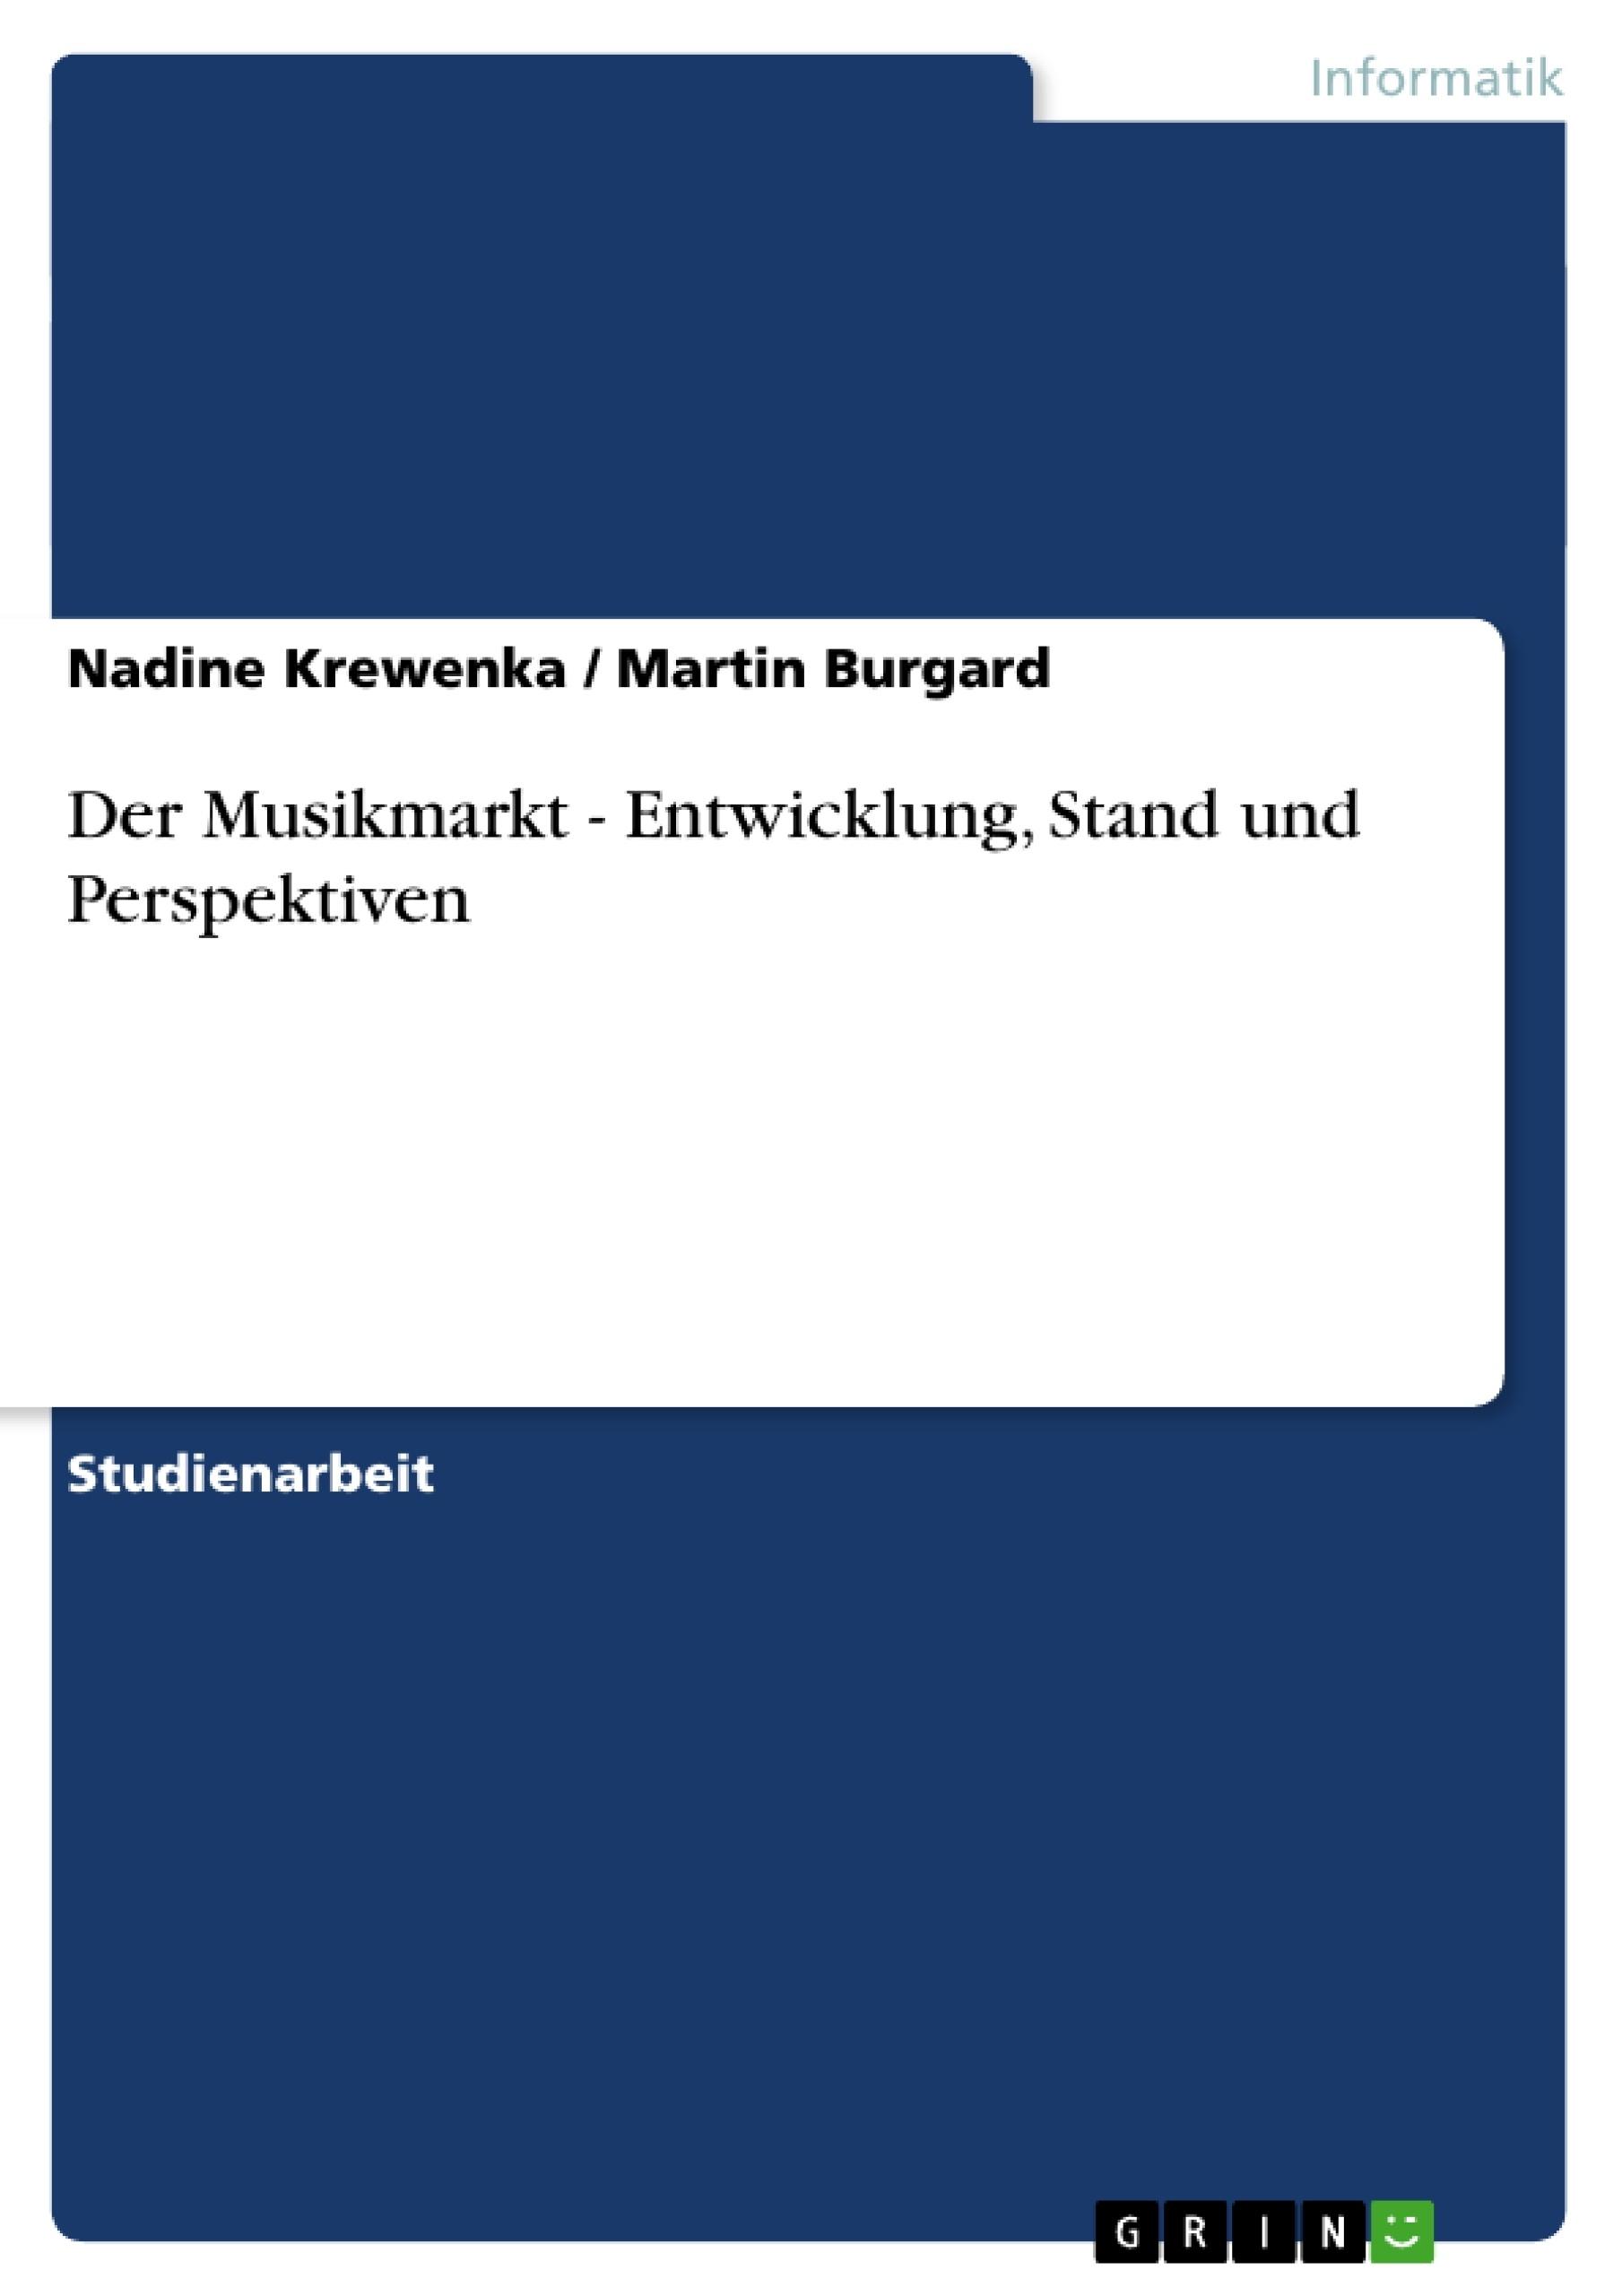 Titel: Der Musikmarkt - Entwicklung, Stand und Perspektiven